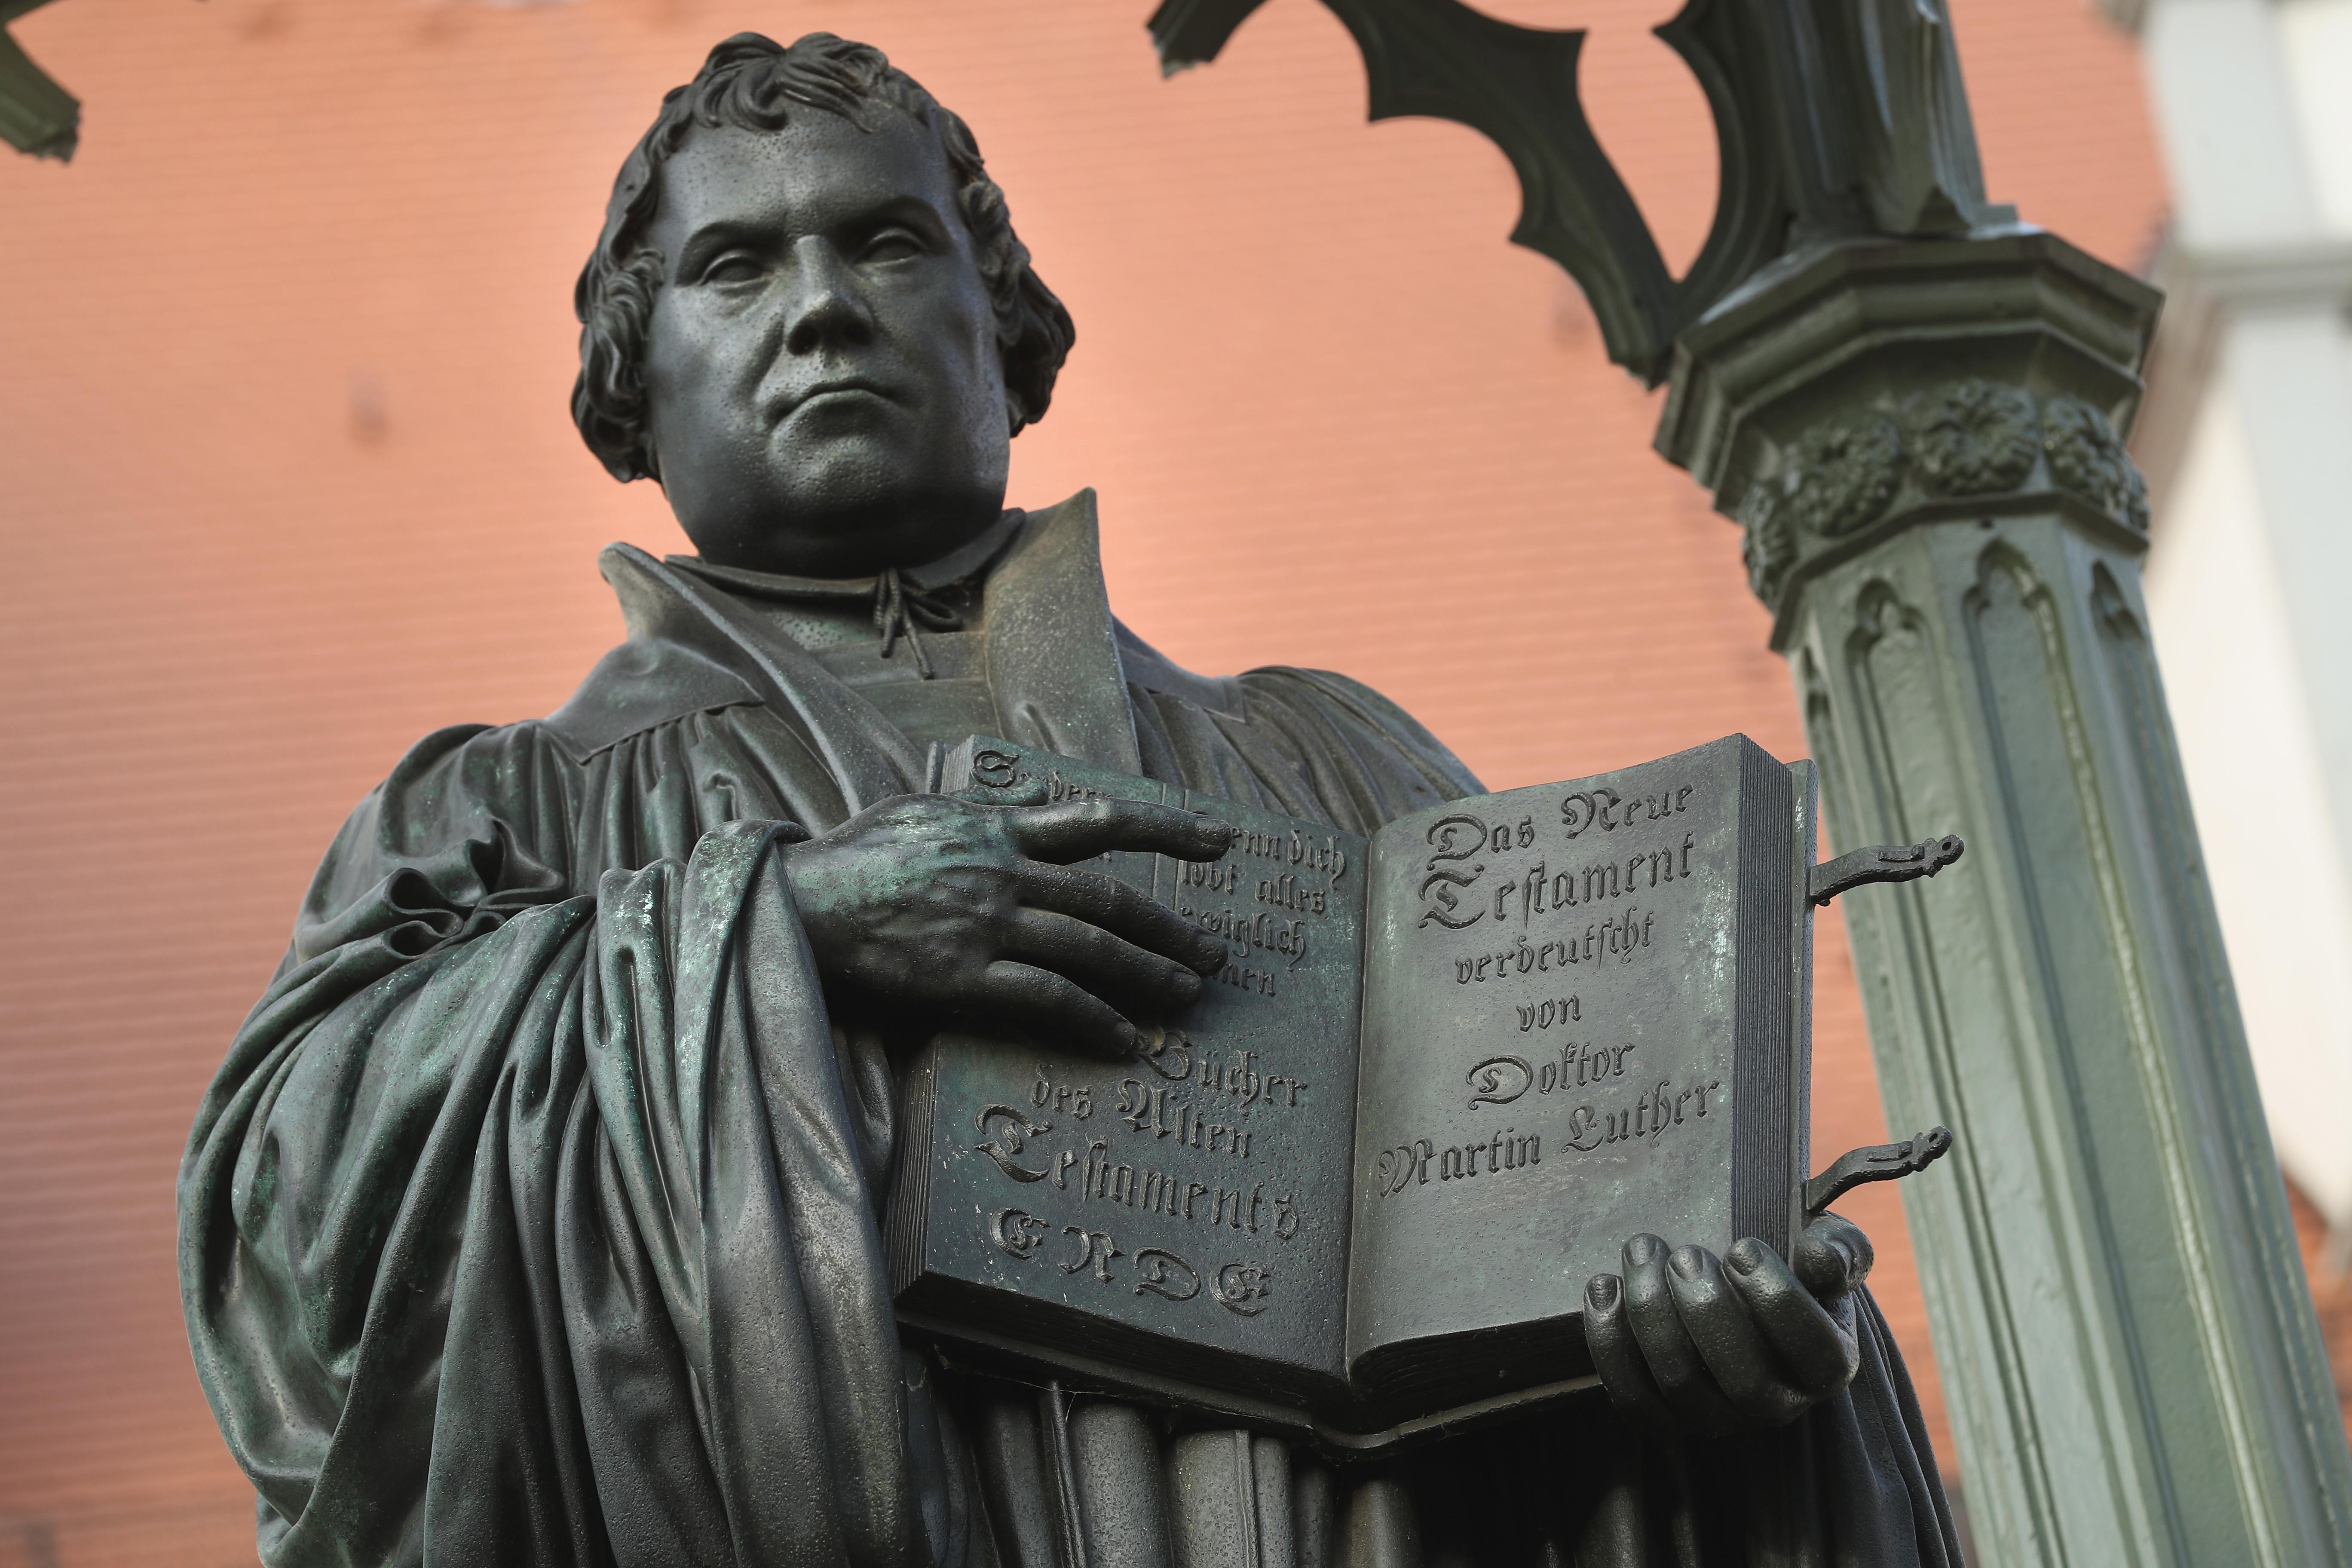 Estatua en honor de Martín Lutero en Wittenberg (Alemania). (Crédito: Sean Gallup/Getty Images)